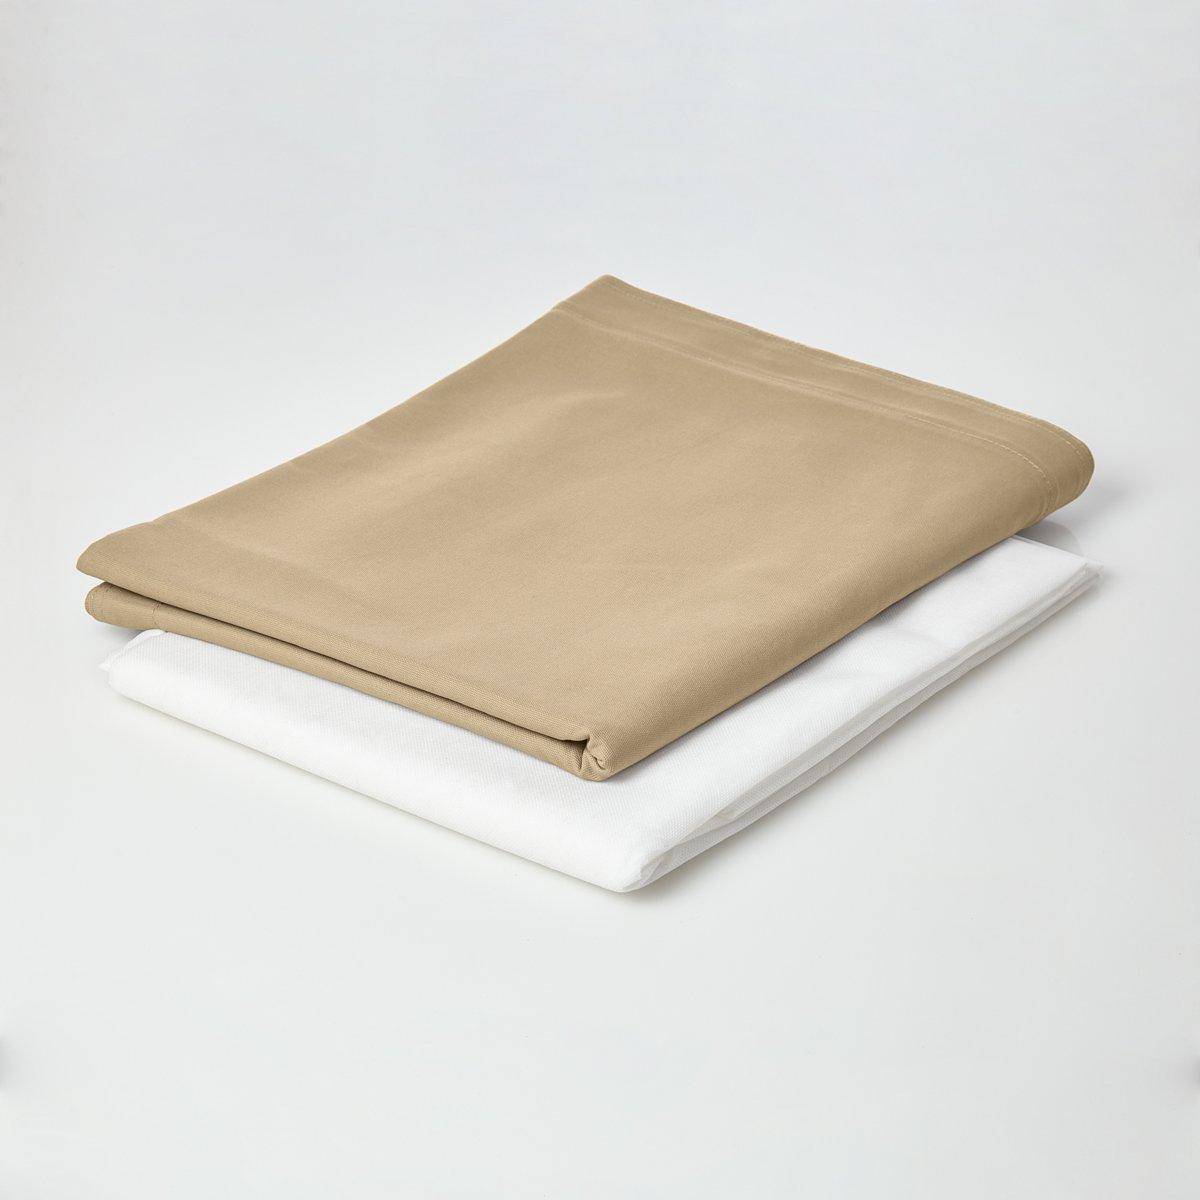 Lumaland - Hoes van luxe XXL zitzak - enkel de hoes zonder vulling - Volume 380 liter - 140 x 180 cm - gemaakt van 100% katoen - Beige kopen